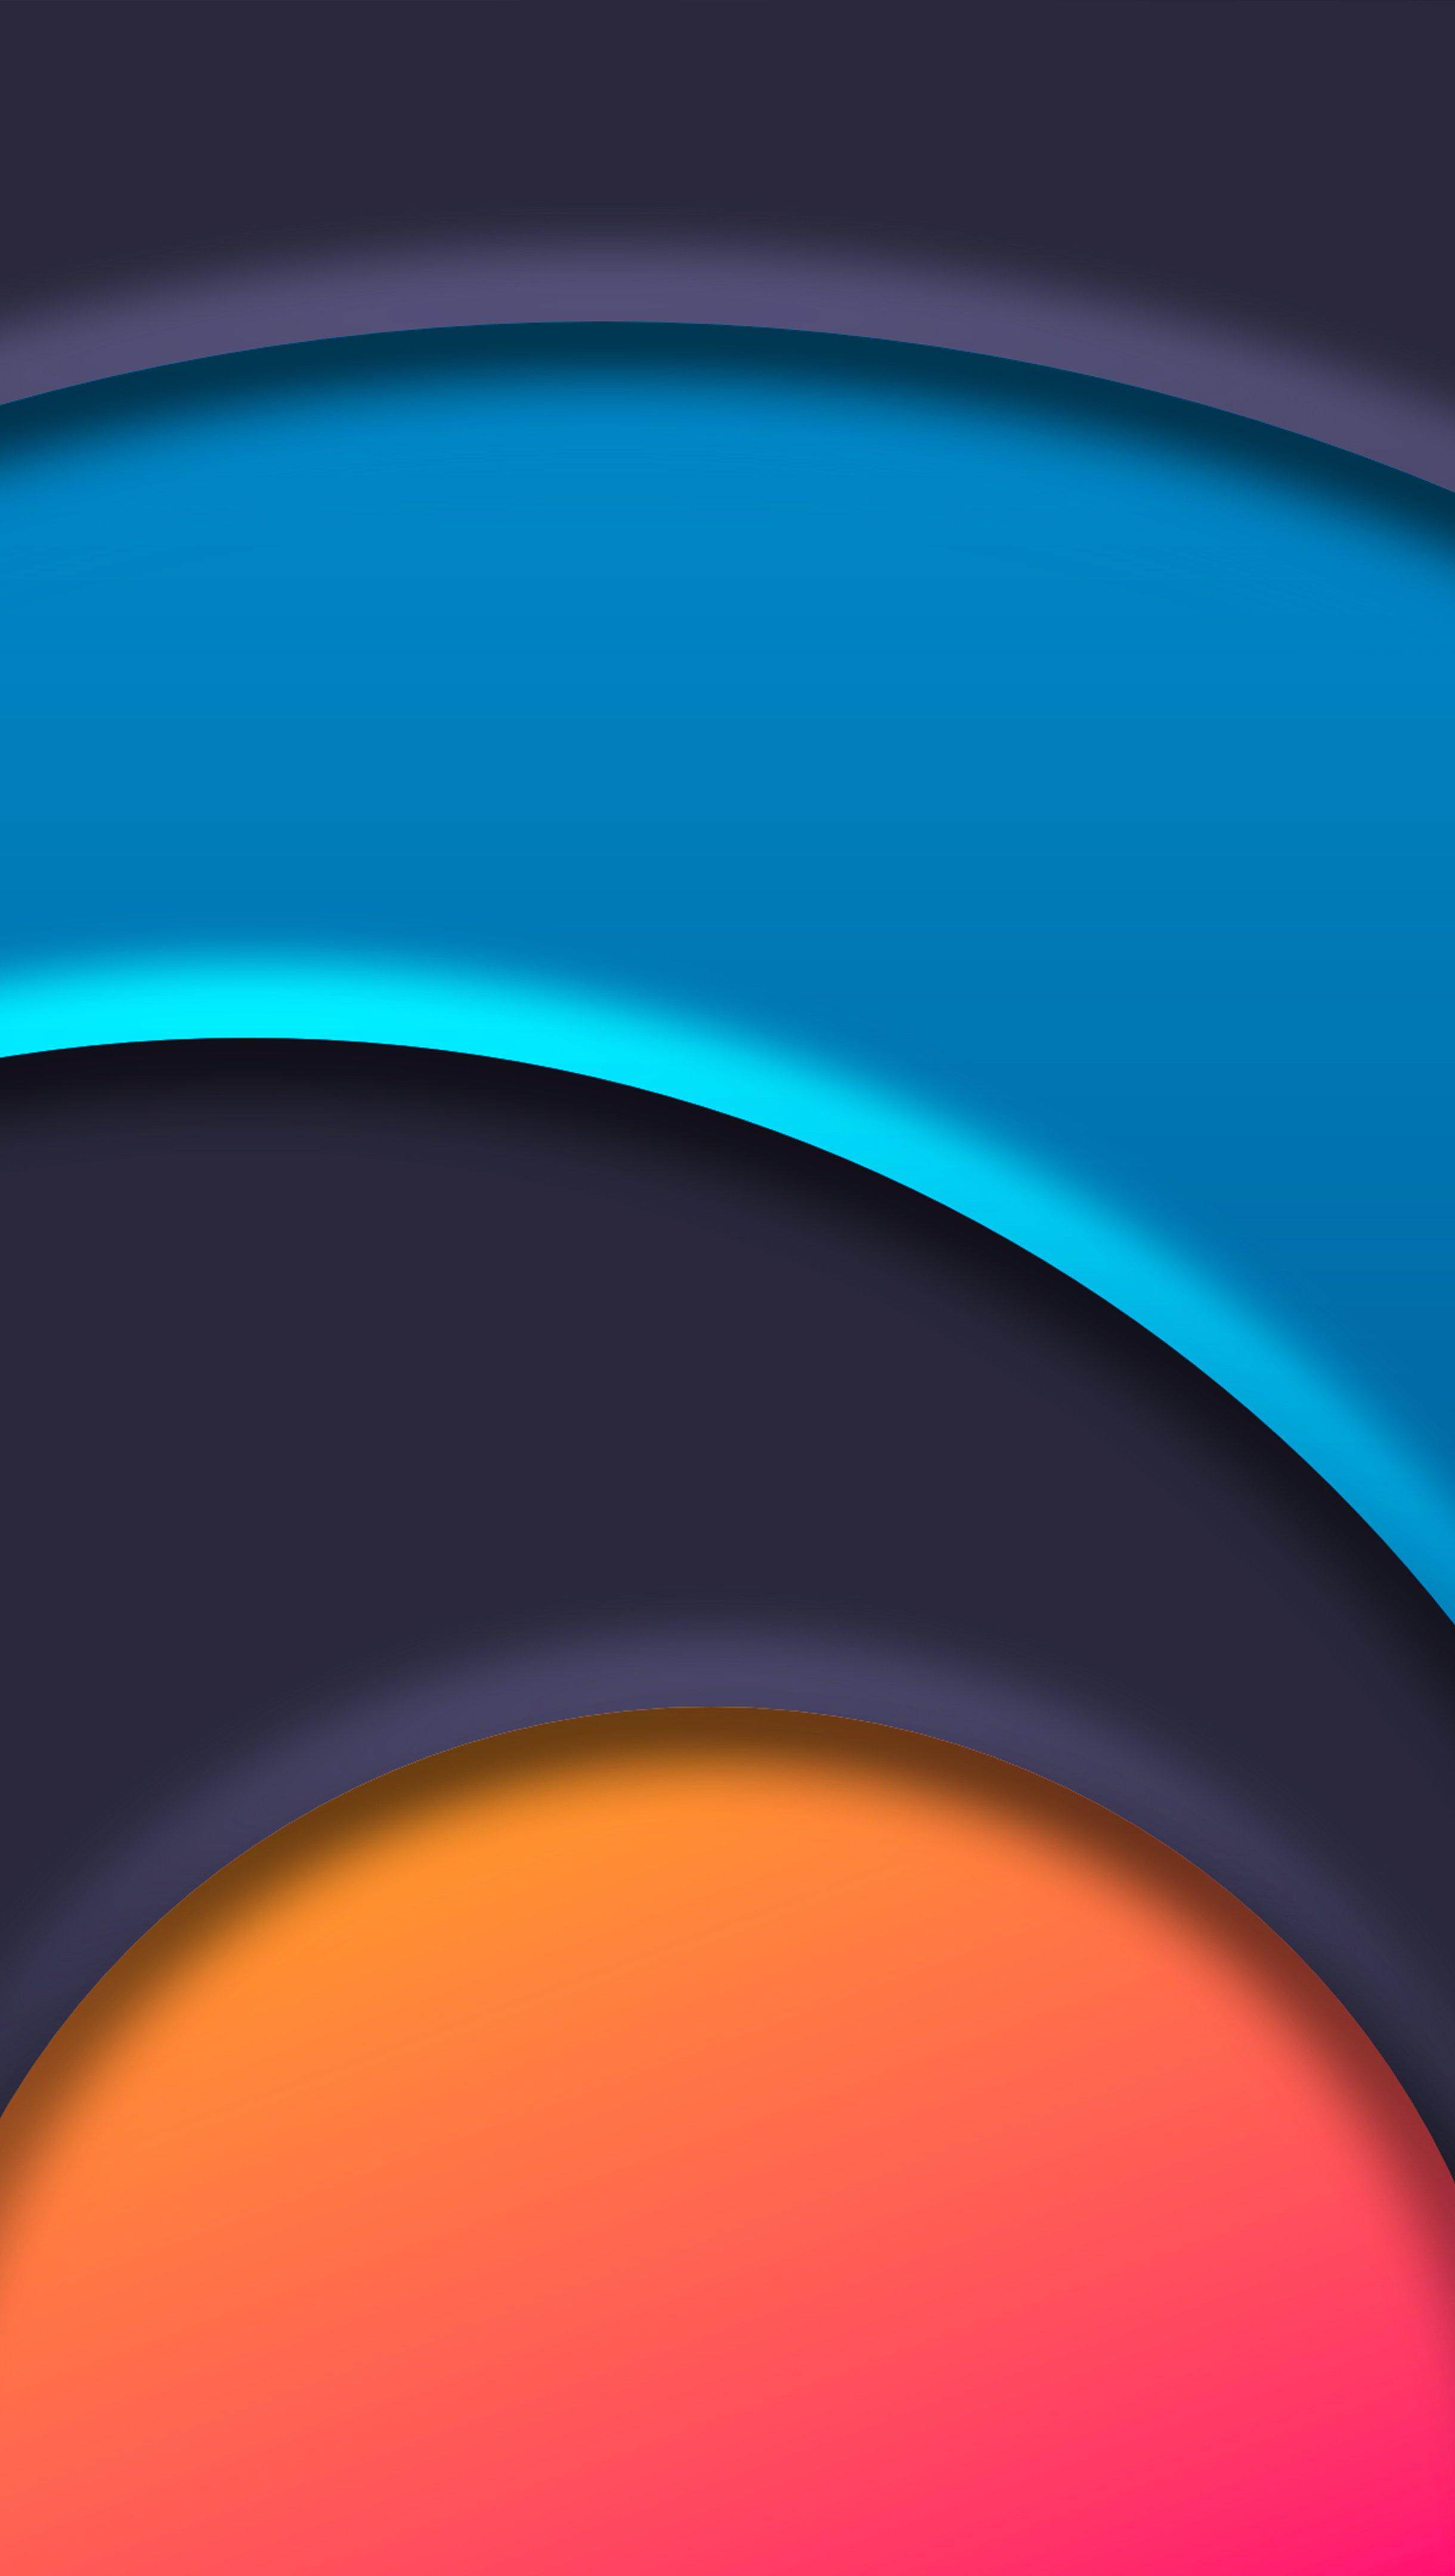 Wallpaper Circle Chakra Abstract Vertical